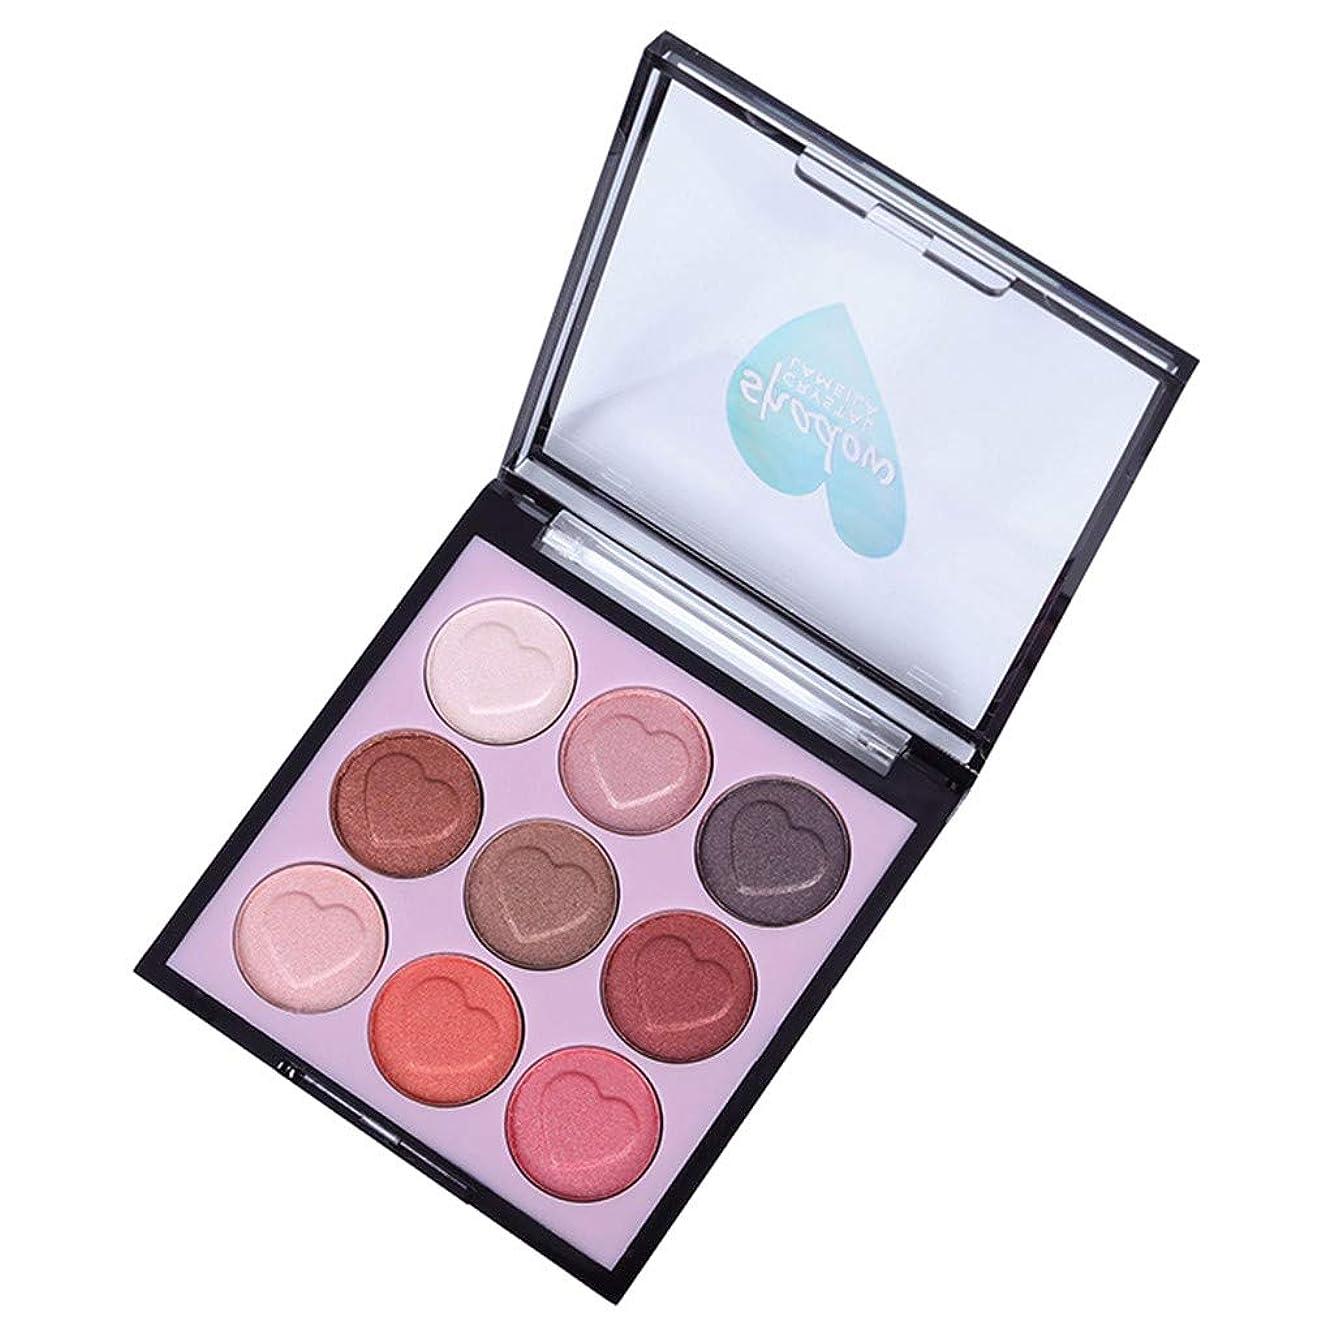 レキシコンベテラン期限アイシャドウ化粧品セットブラシ9色アイメイクパレット